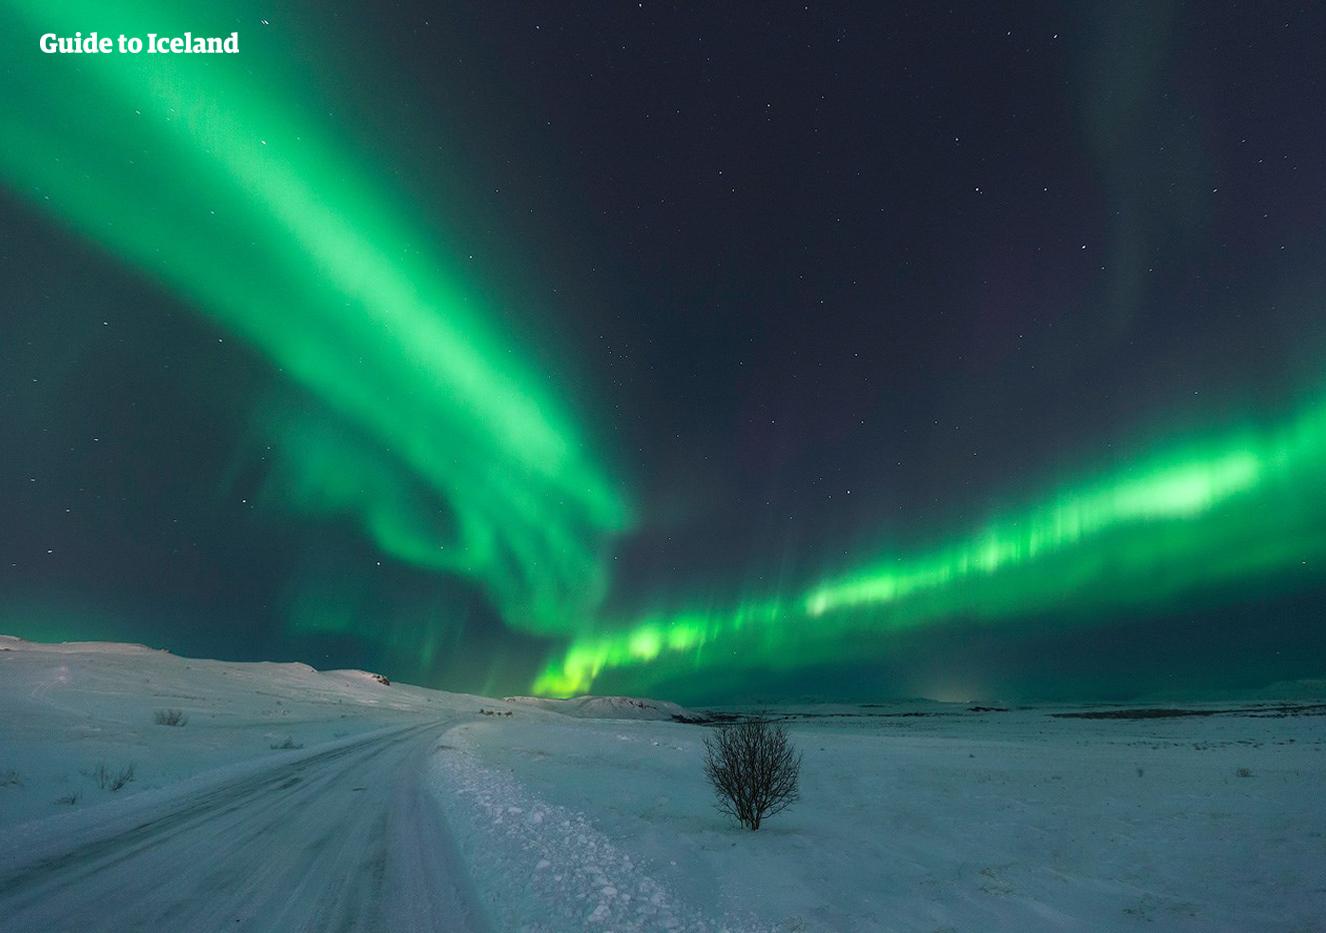 Hvis du tar deg en leiebiltur, kan du se etter nordlyset hvor du vil, så lenge du vil, slik at du kan maksimere sjansene for å få med deg dette fantastiske fenomenet.